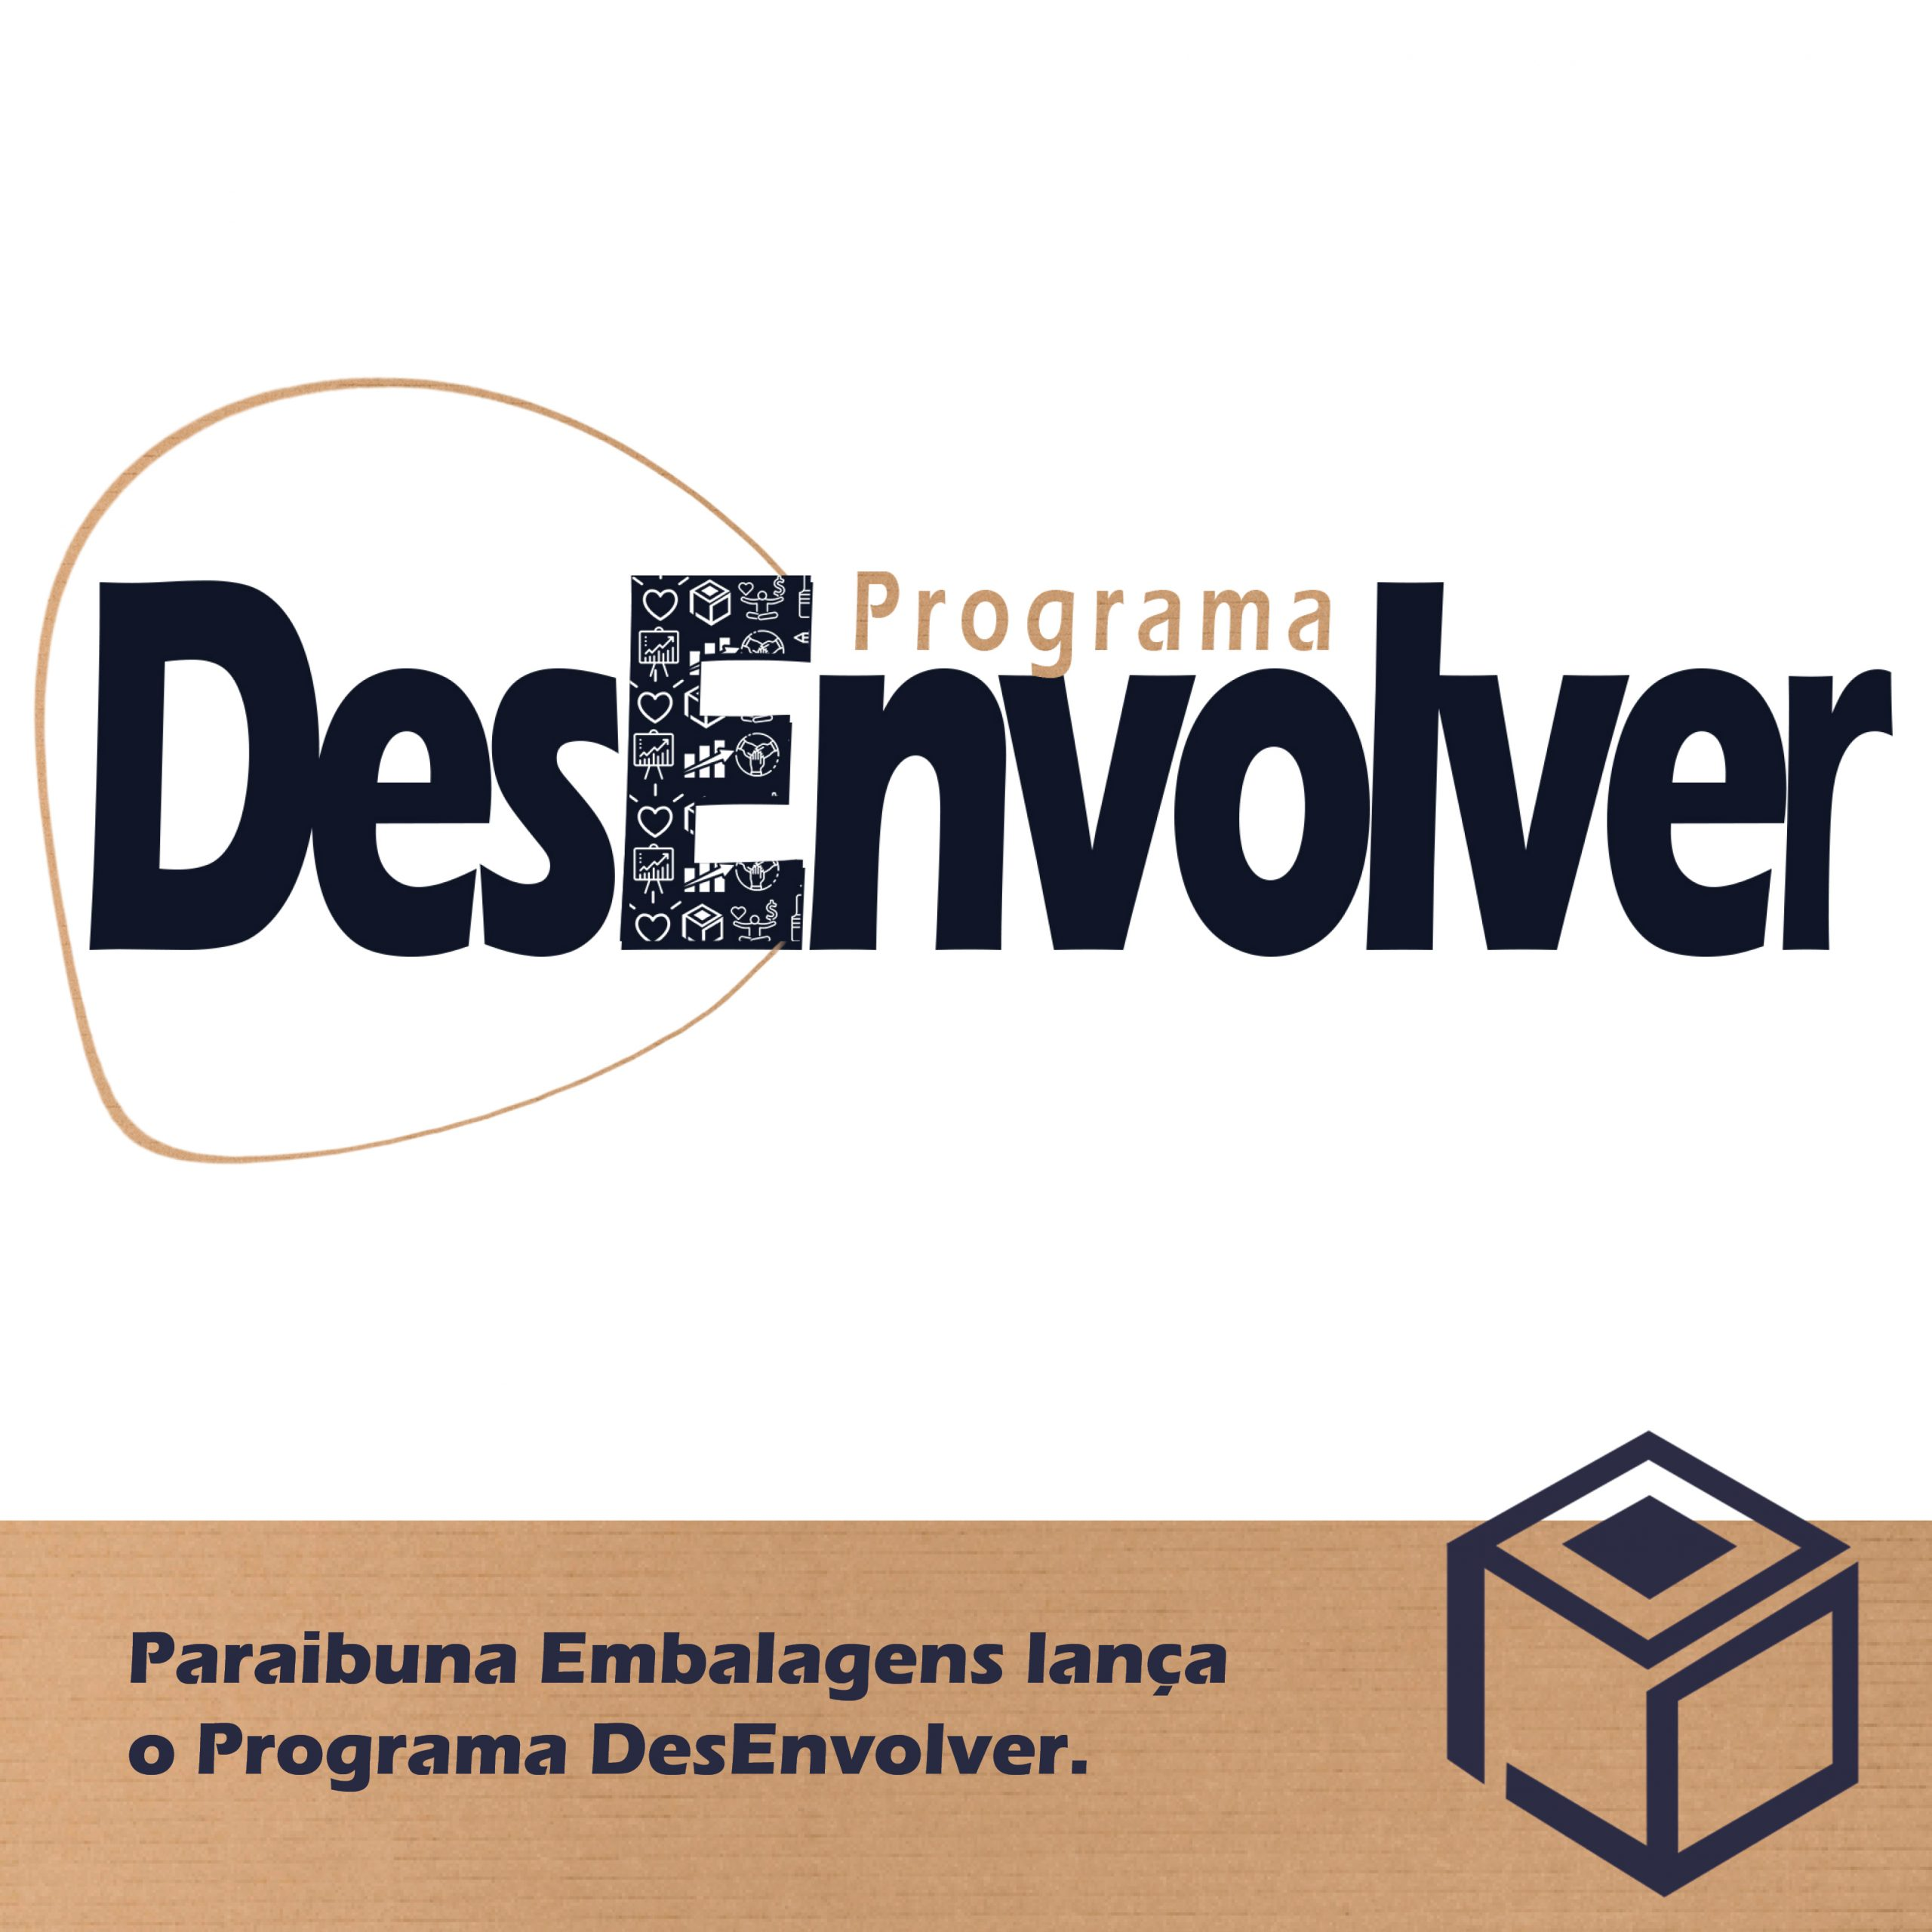 Paraibuna Embalagens lança o Programa DesEnvolver: